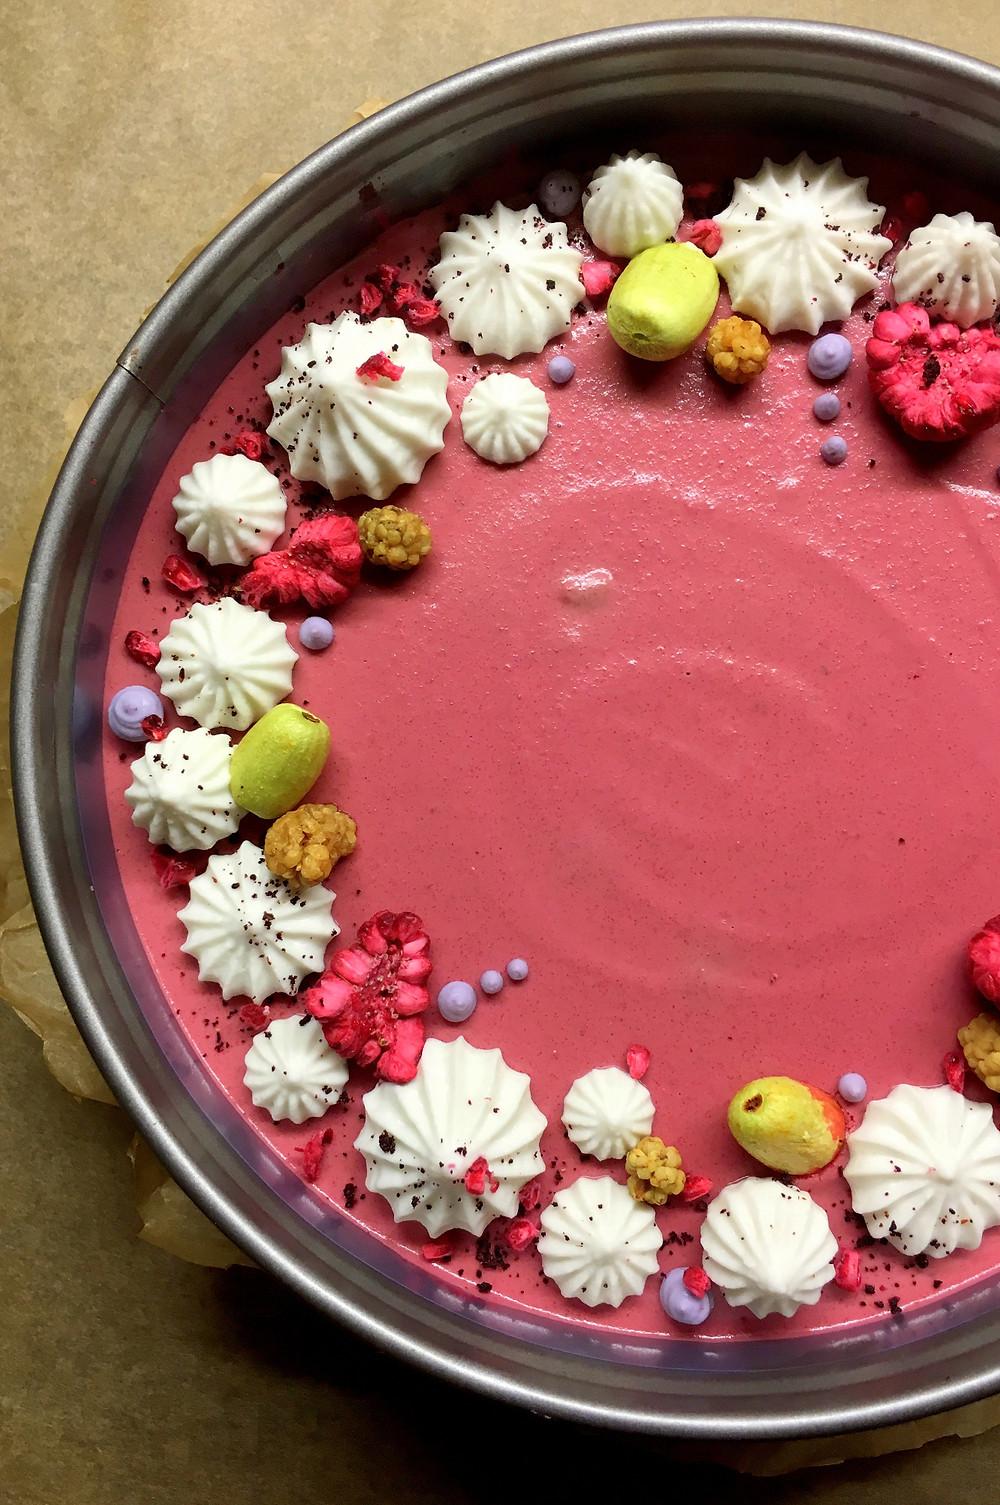 """Indrės Staniulytės nuotrauka """"Raw Cakes"""" tortukai ir kiti saldumynai gaminami iš riešutų, sėklų, šviežių ir džiovintų vaisių, uogų, daržovių, be jokio pridėtinio cukraus."""